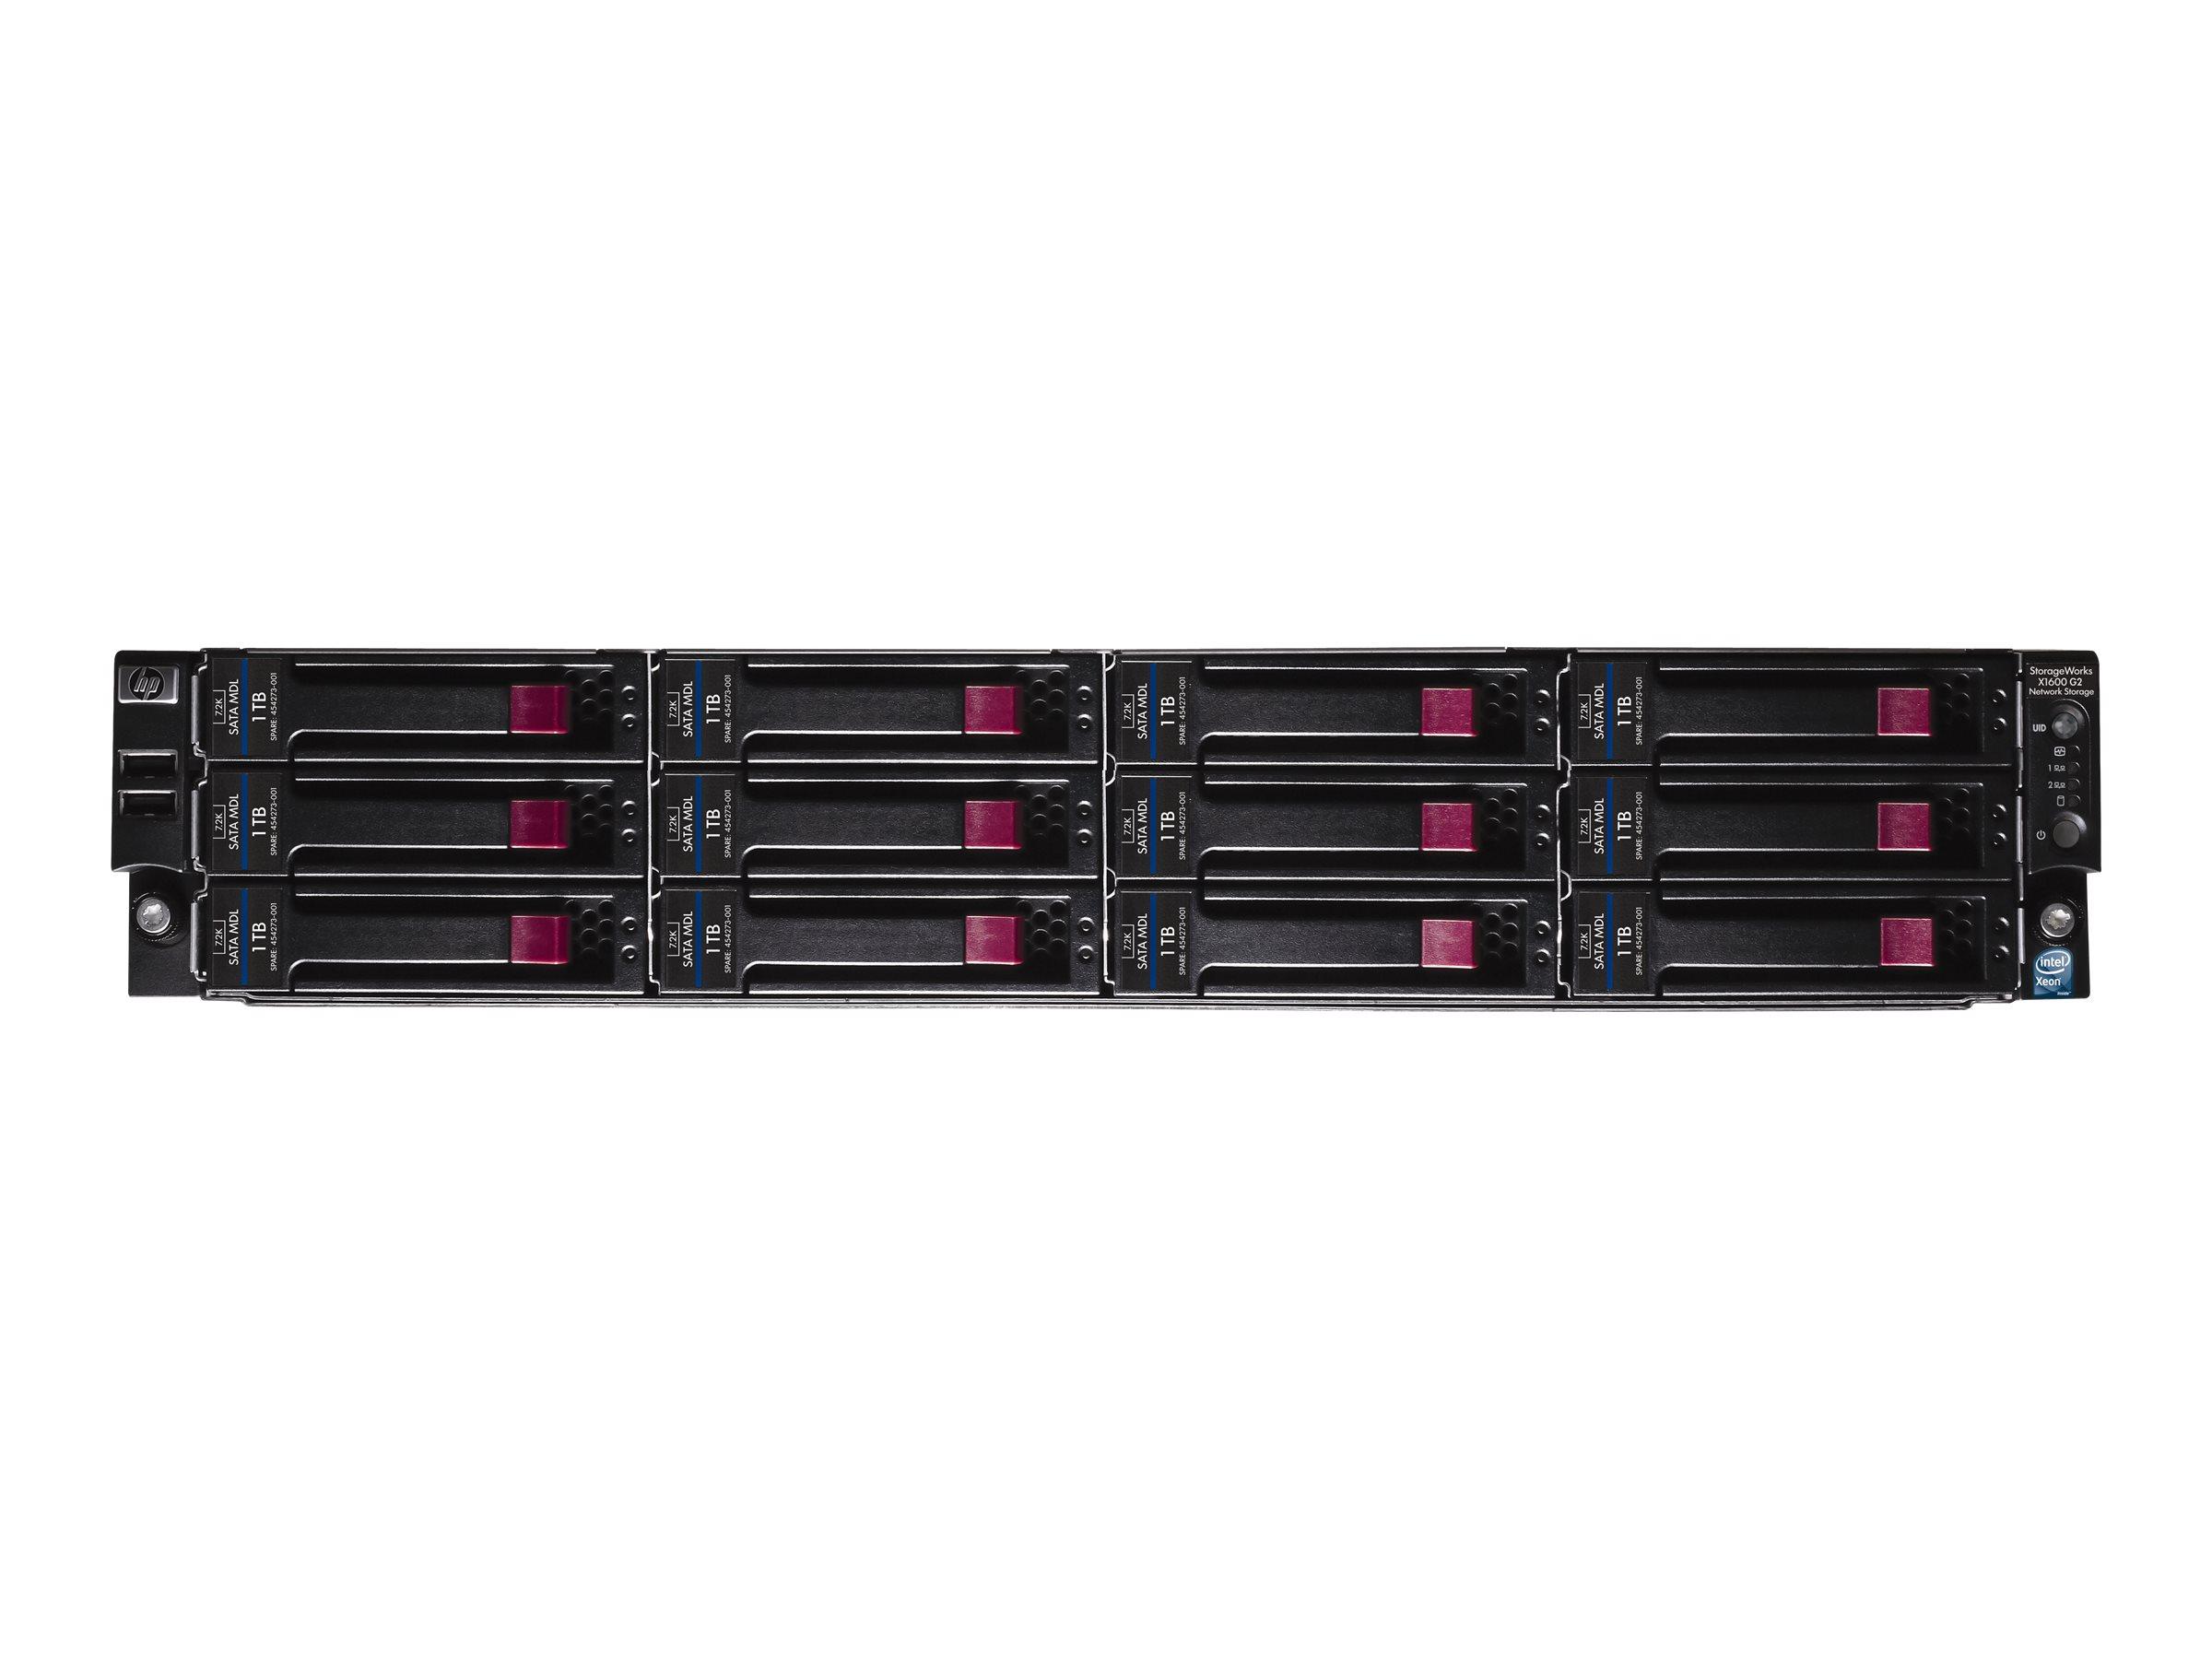 [Wiederaufbereitet] HPE Network Storage System X1600 G2 - NAS-Server - 12 Schächte - 24 TB - Rack - einbaufähig